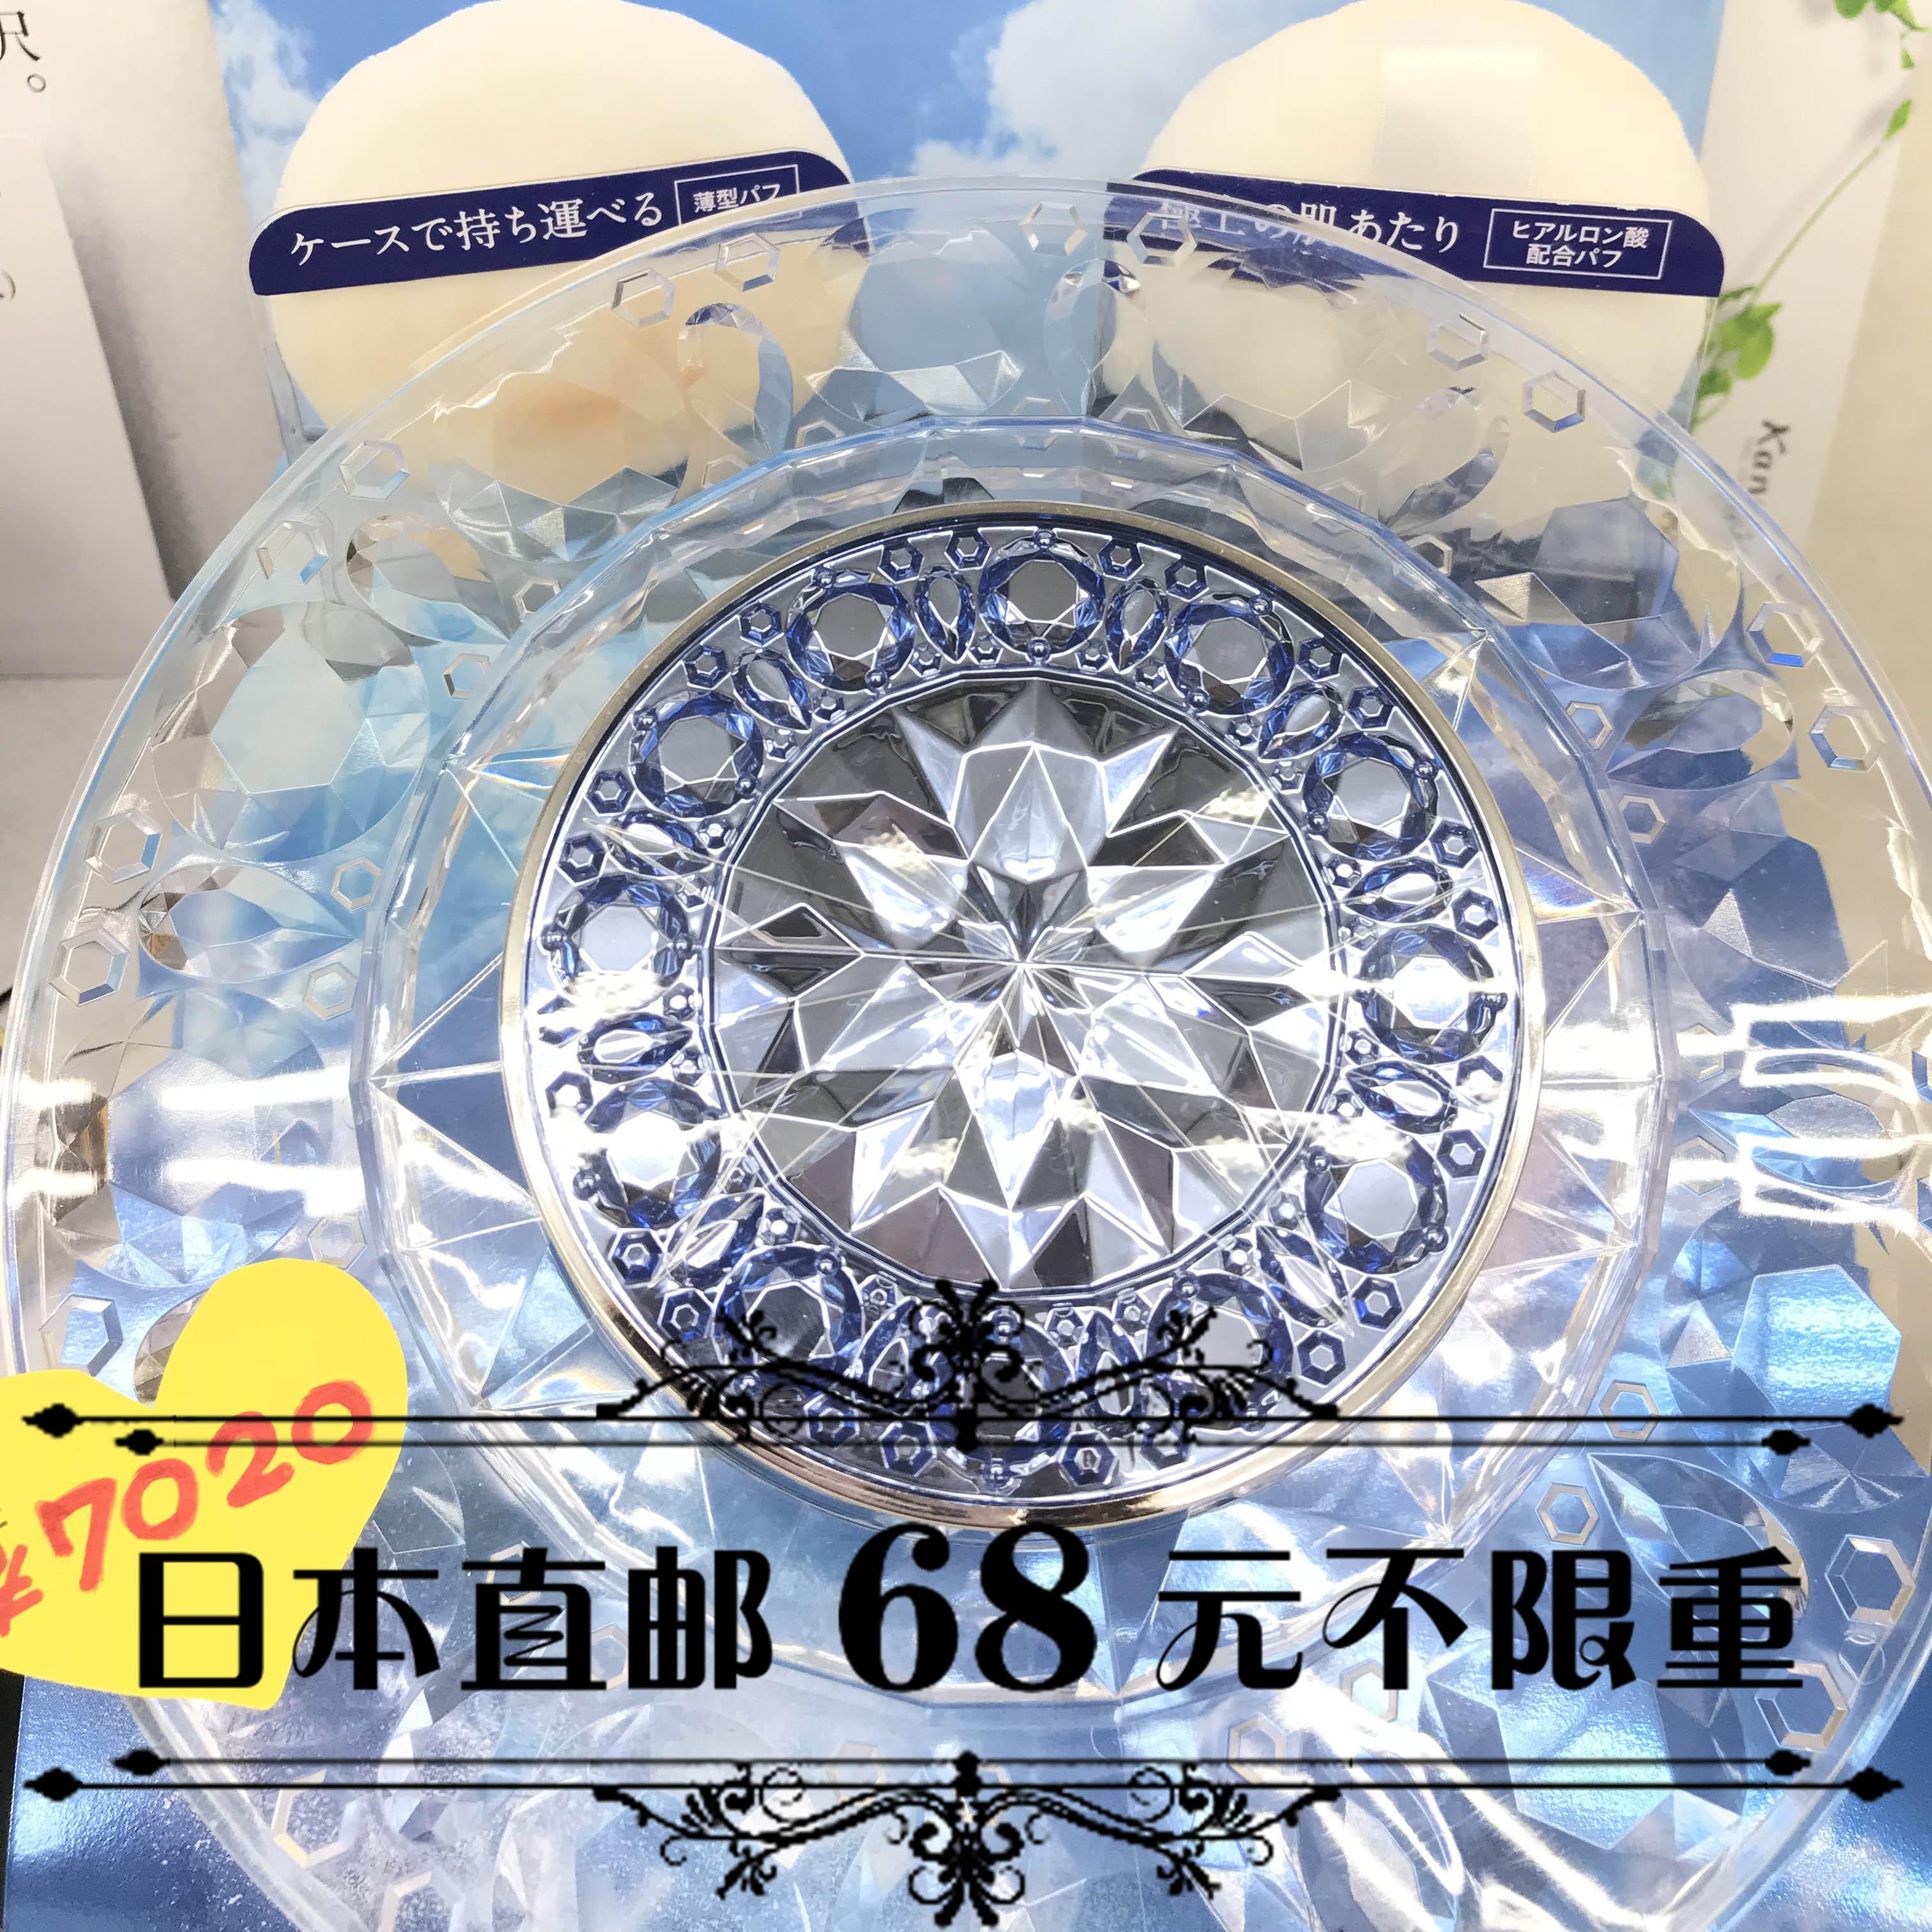 日本代购【直邮】KOSE高丝 雪肌精 2018年限定奢华蜜粉饼5.16发售